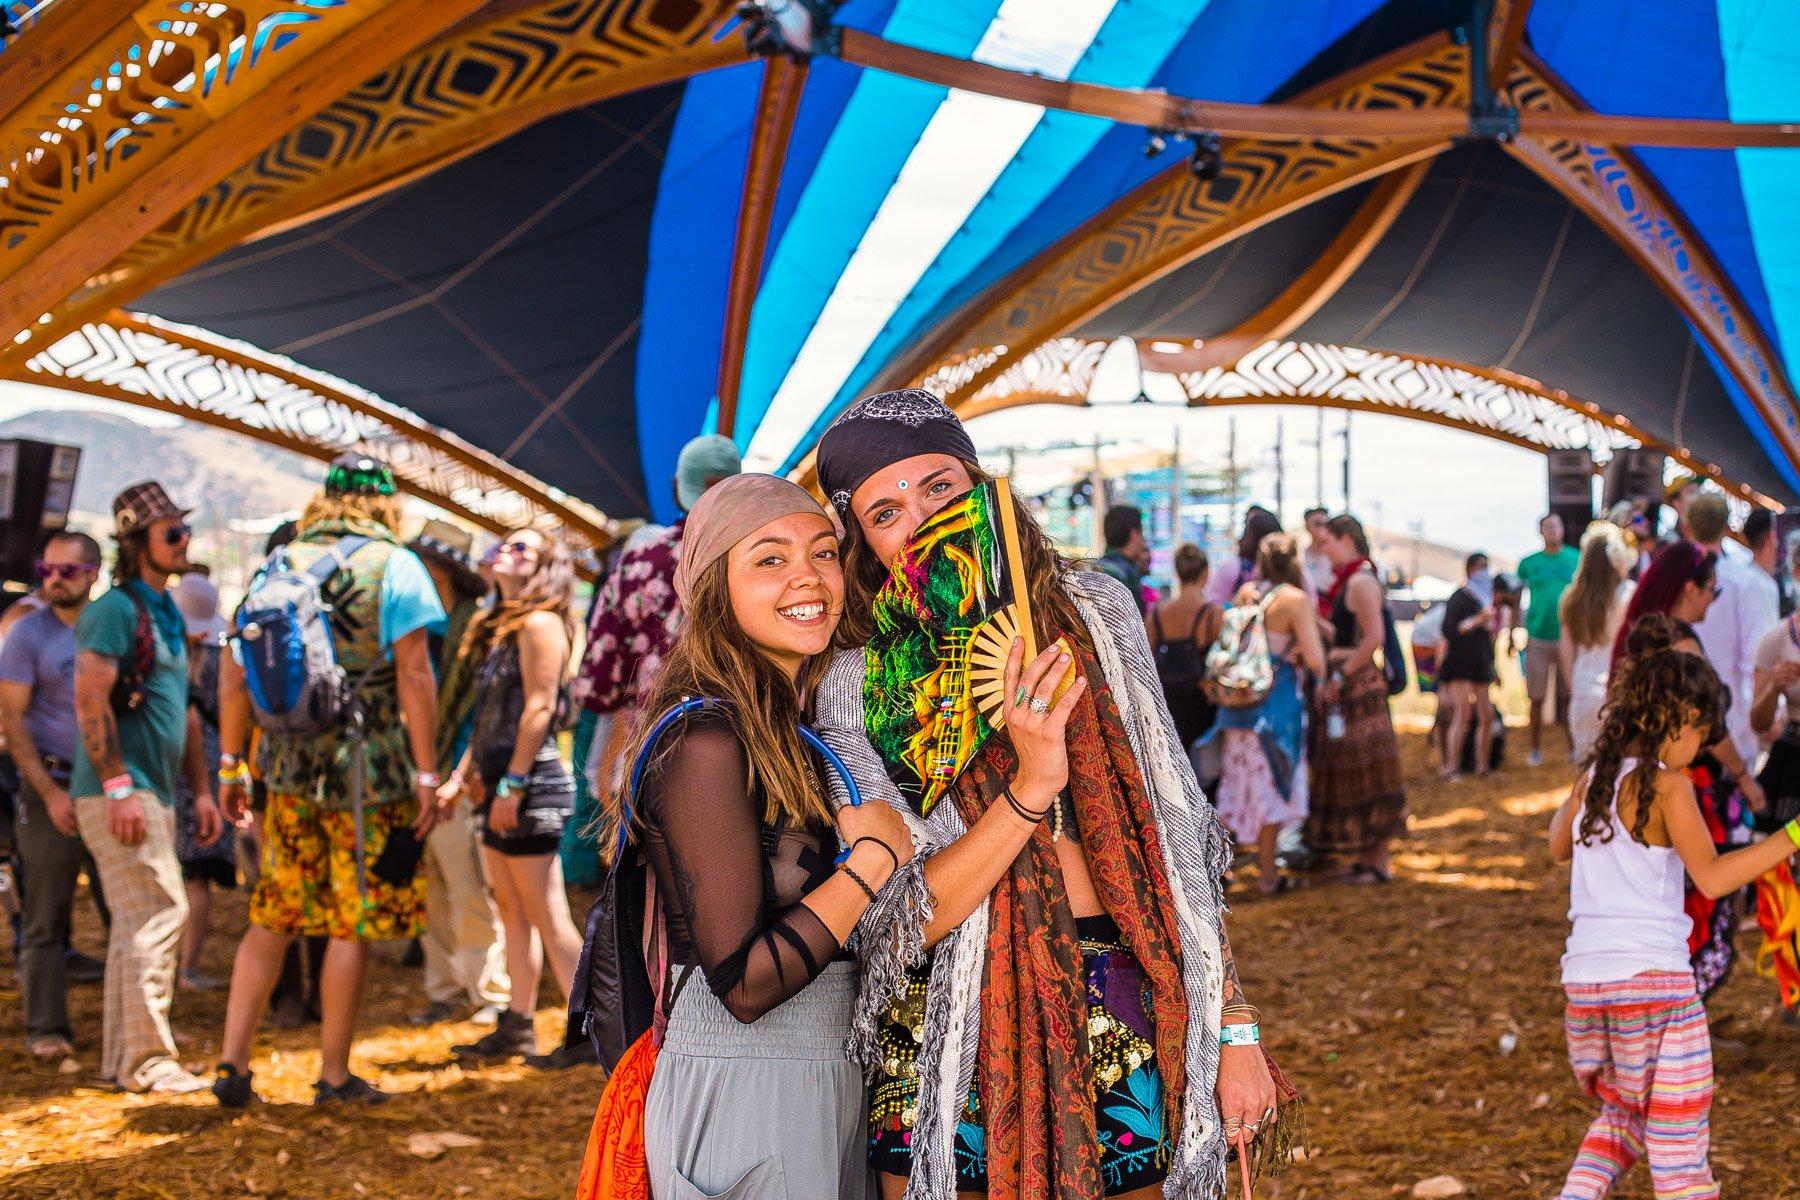 event,festival,love,light,bliss,lightning in a bottle 2017,recap,art,brookklynphoto, learning,growing,friendship, desertiris, happiness, vibrant, california, roadtrip, adventure, hype, LIB, magic